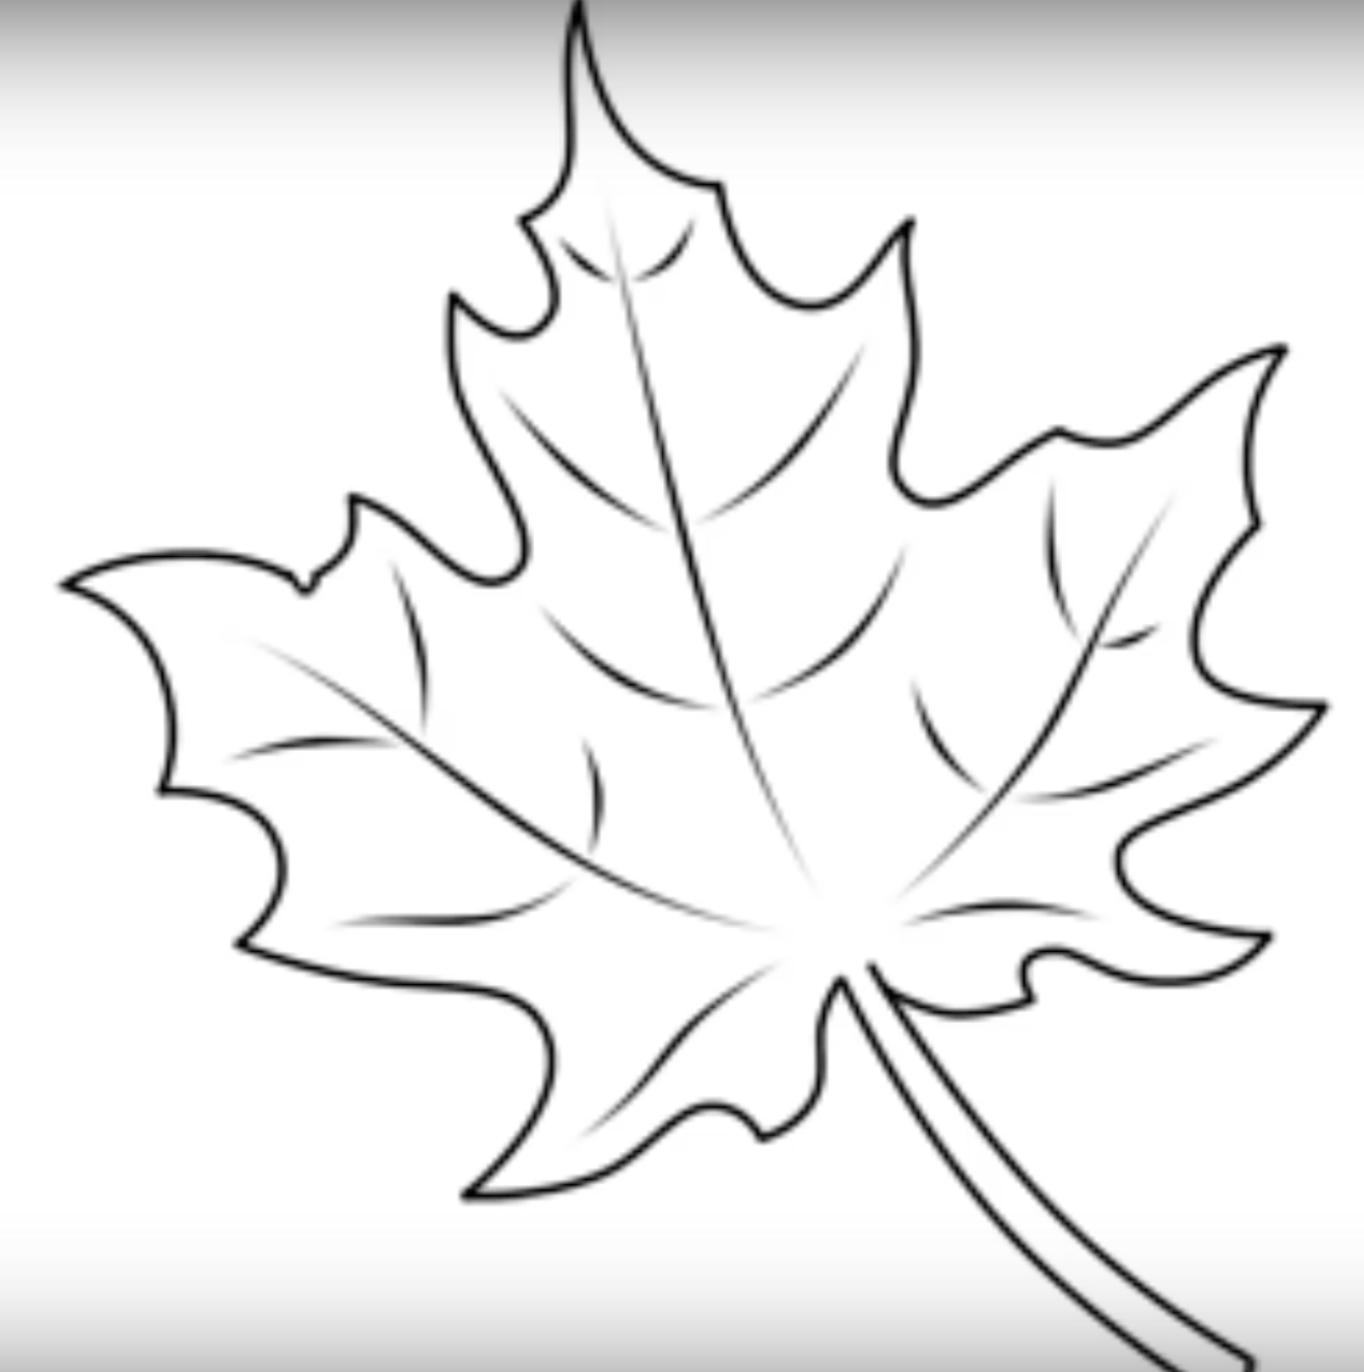 лист клёна картинка